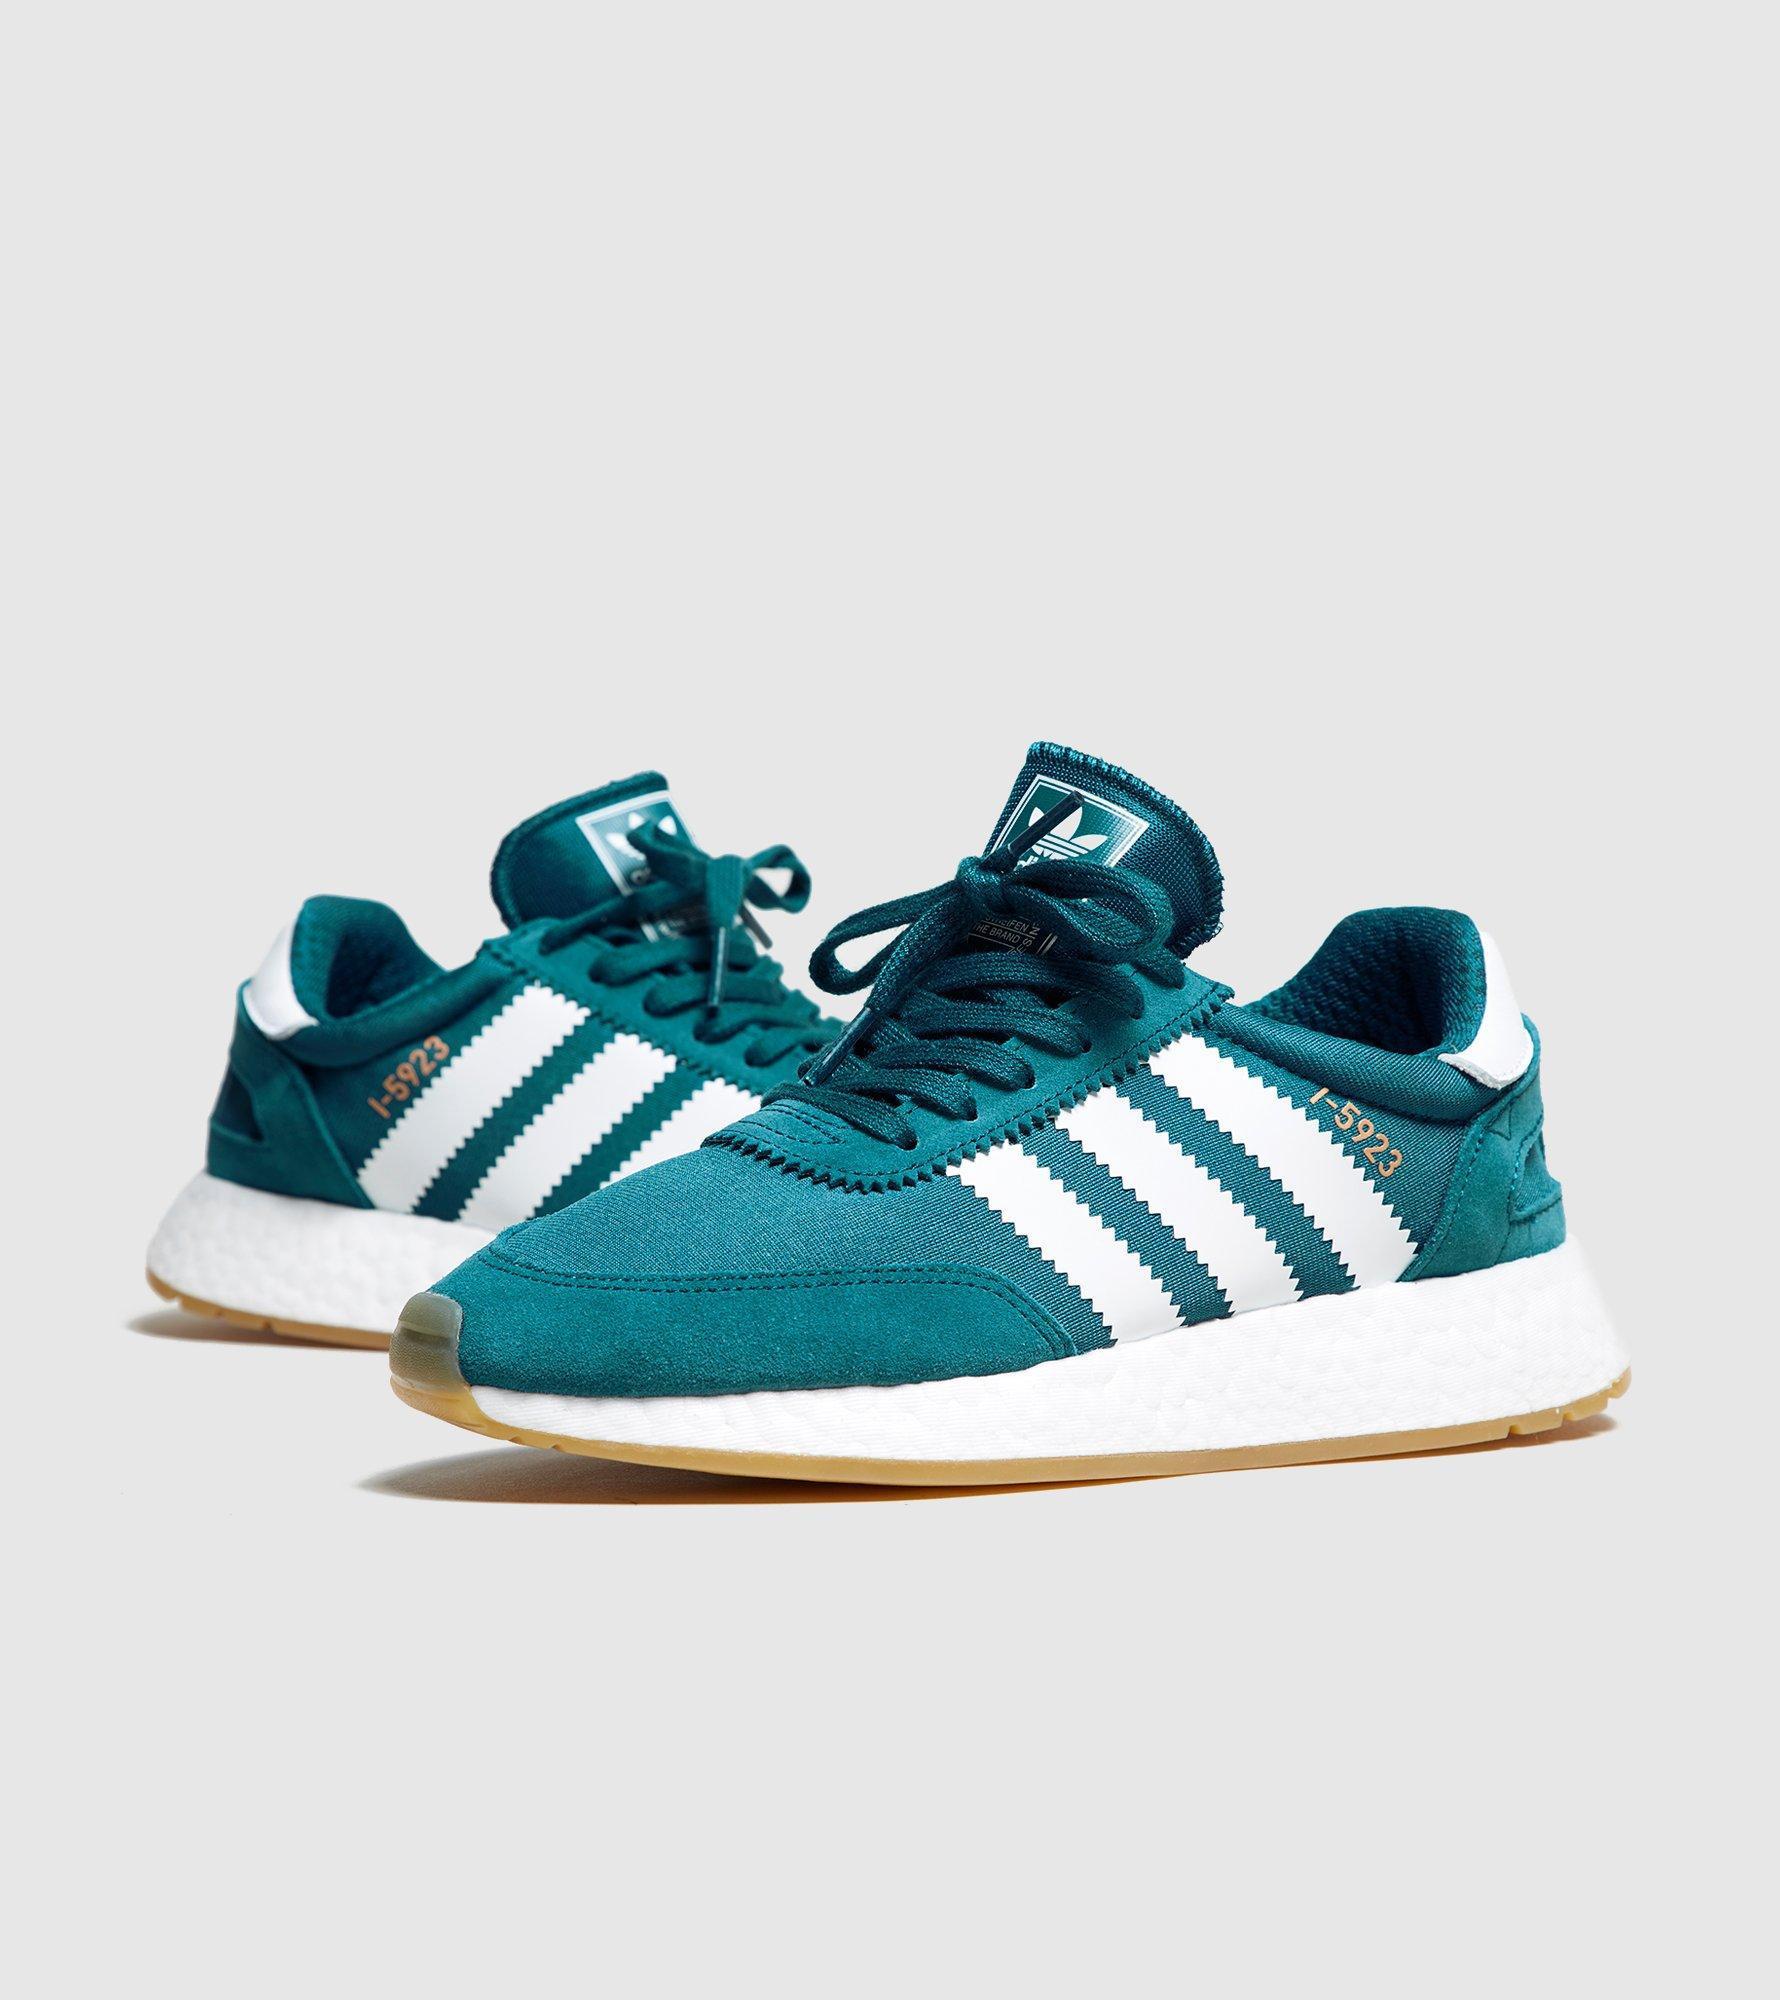 Lyst Adidas Originali - 5923 Di Donne È In Blu